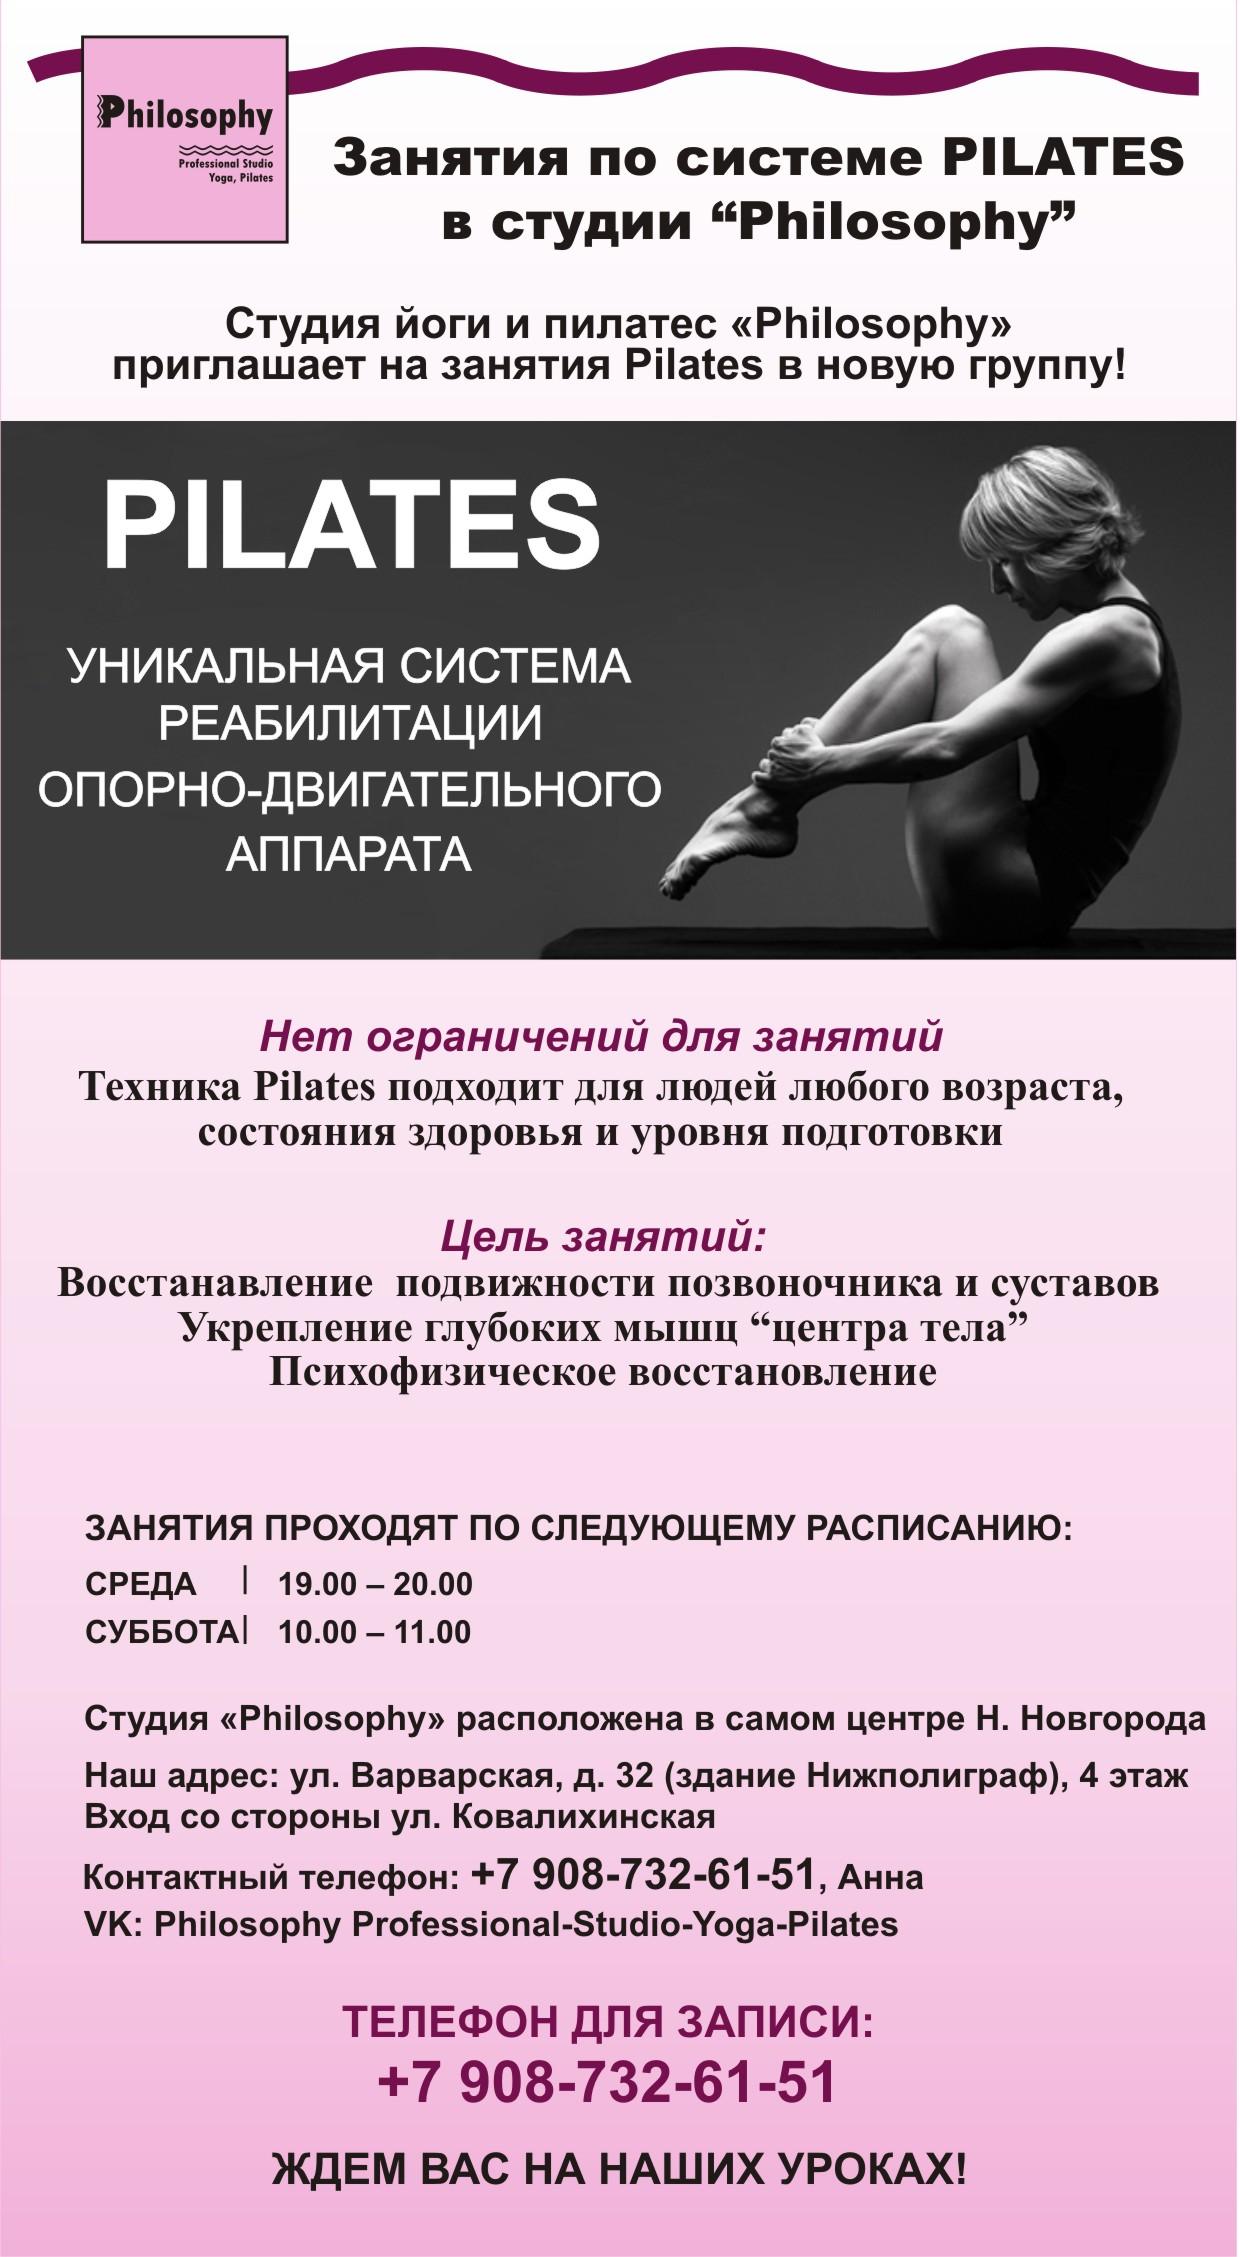 Занятия по системе Pilates - уника...